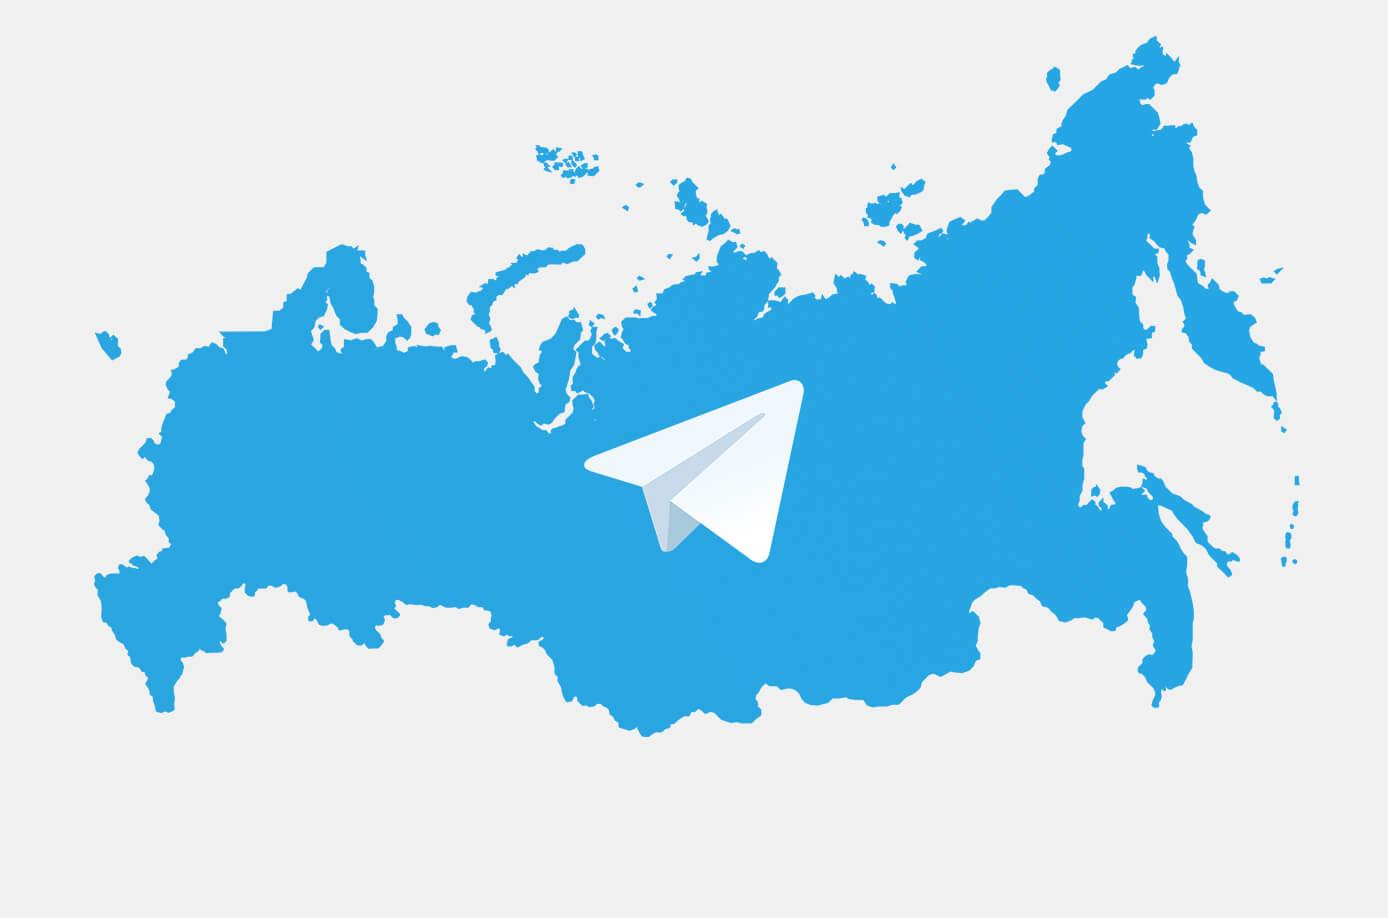 Накрутка просмотров Телеграм. Накрутка телеграмма просмотрами и подписчиками FolYou.  Накрутка просмотров Телеграм 2020.